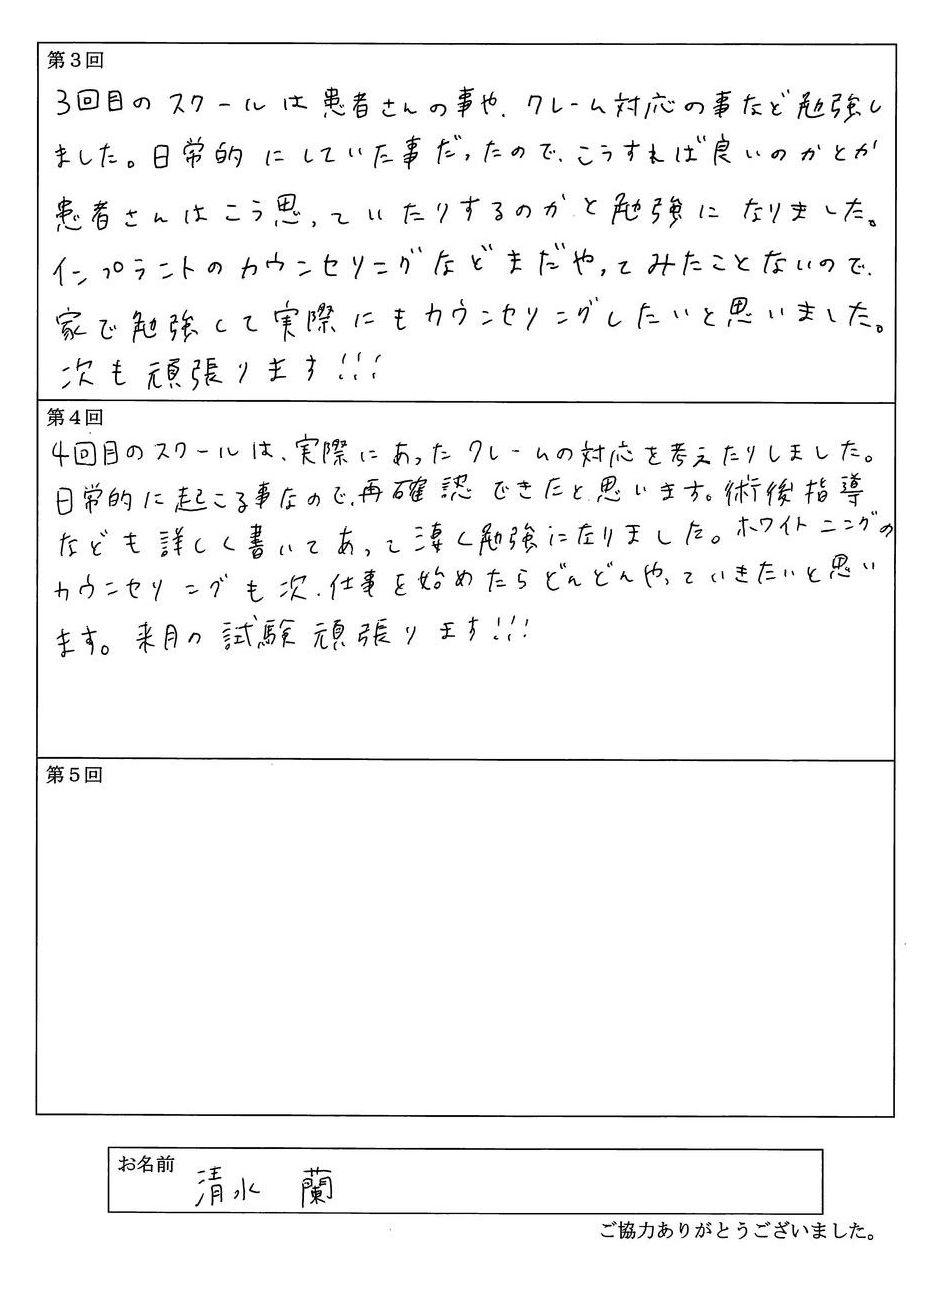 清水 蘭 様アンケート